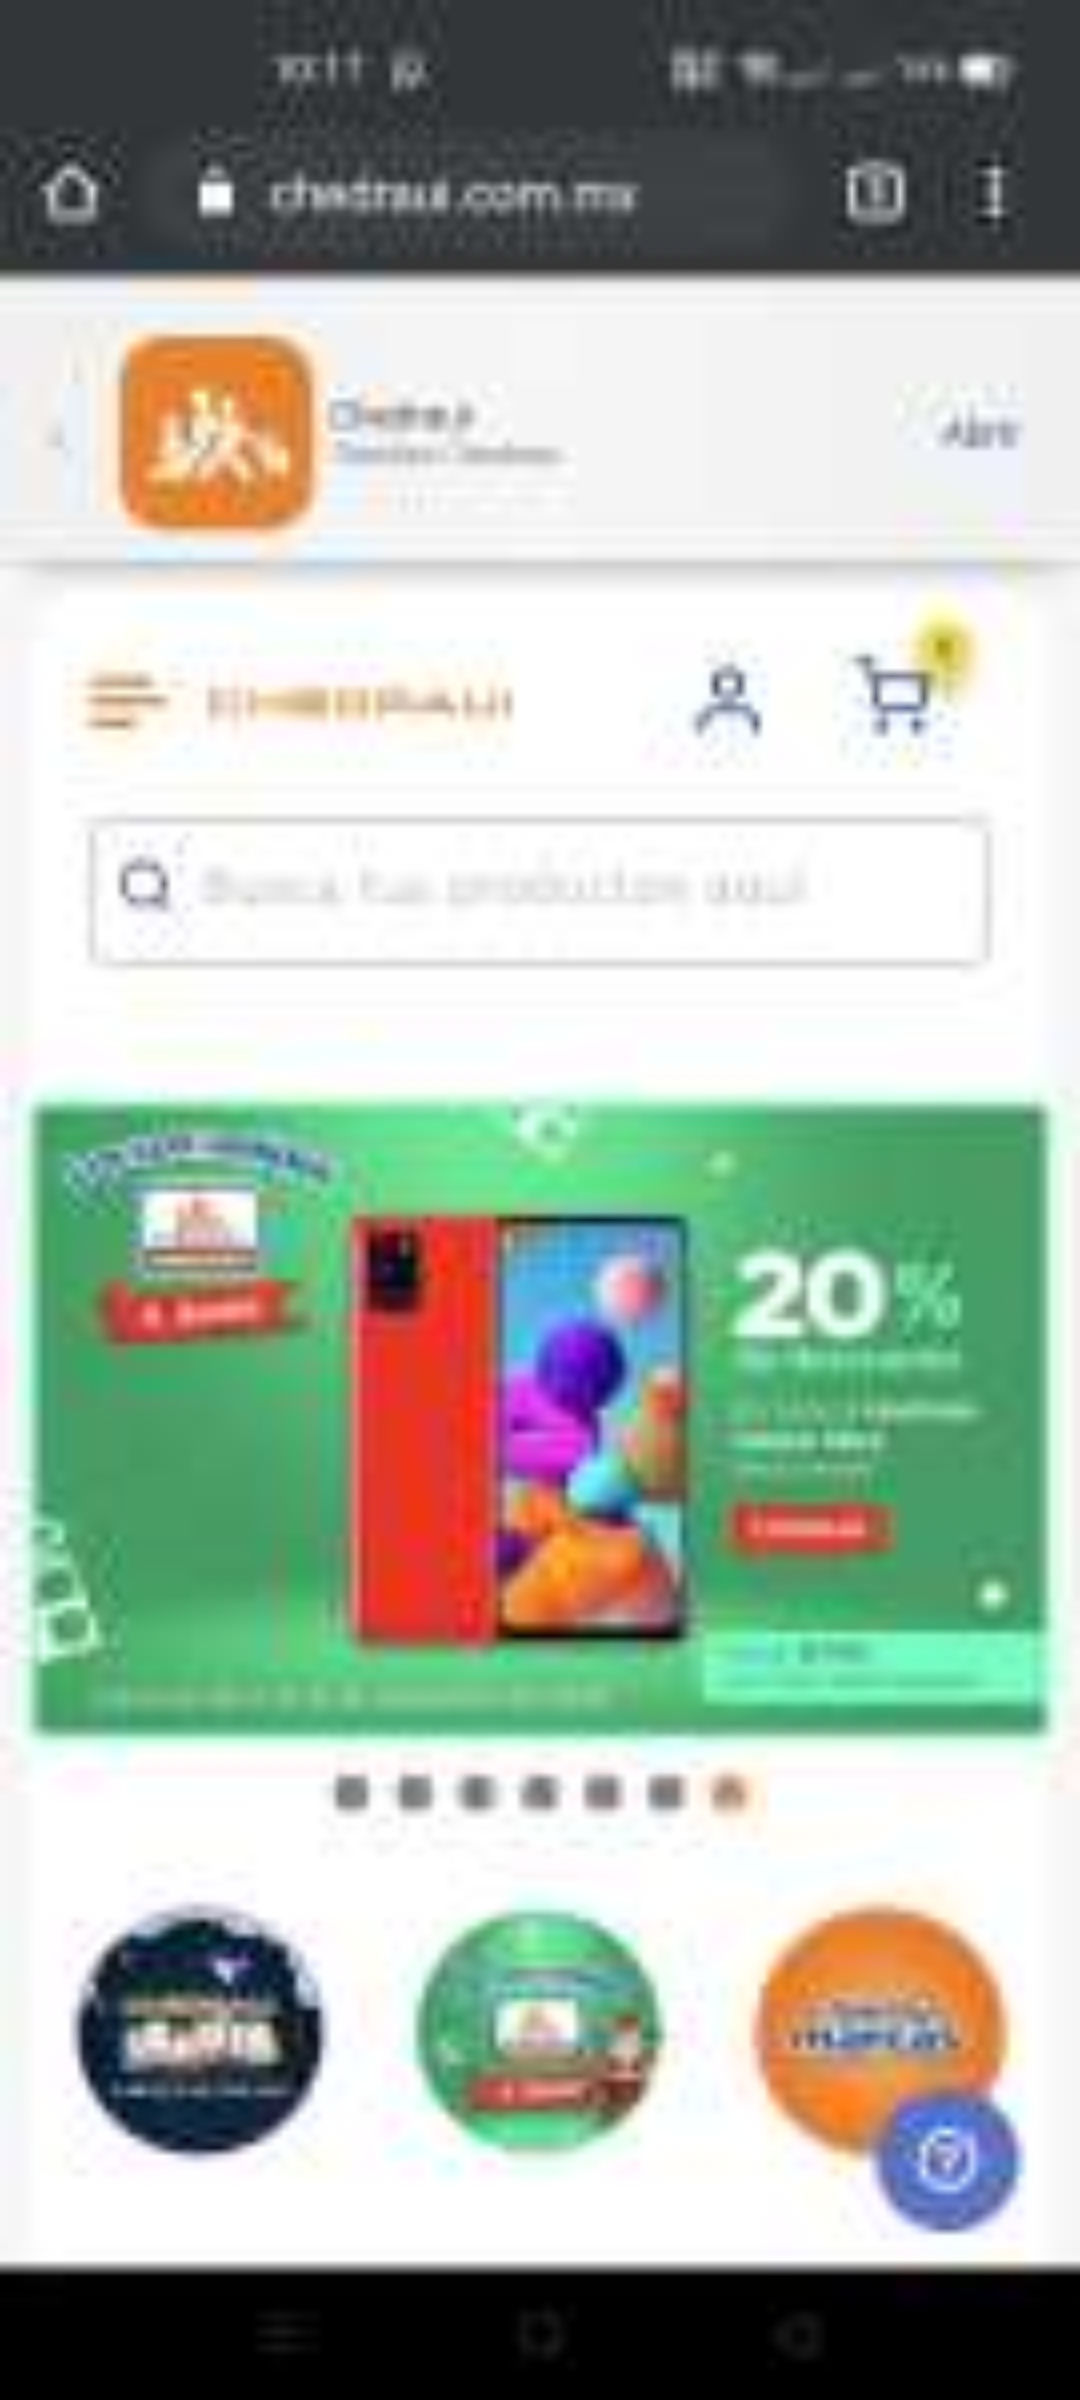 20% de descuento en telefonía libre Chedraui en linea